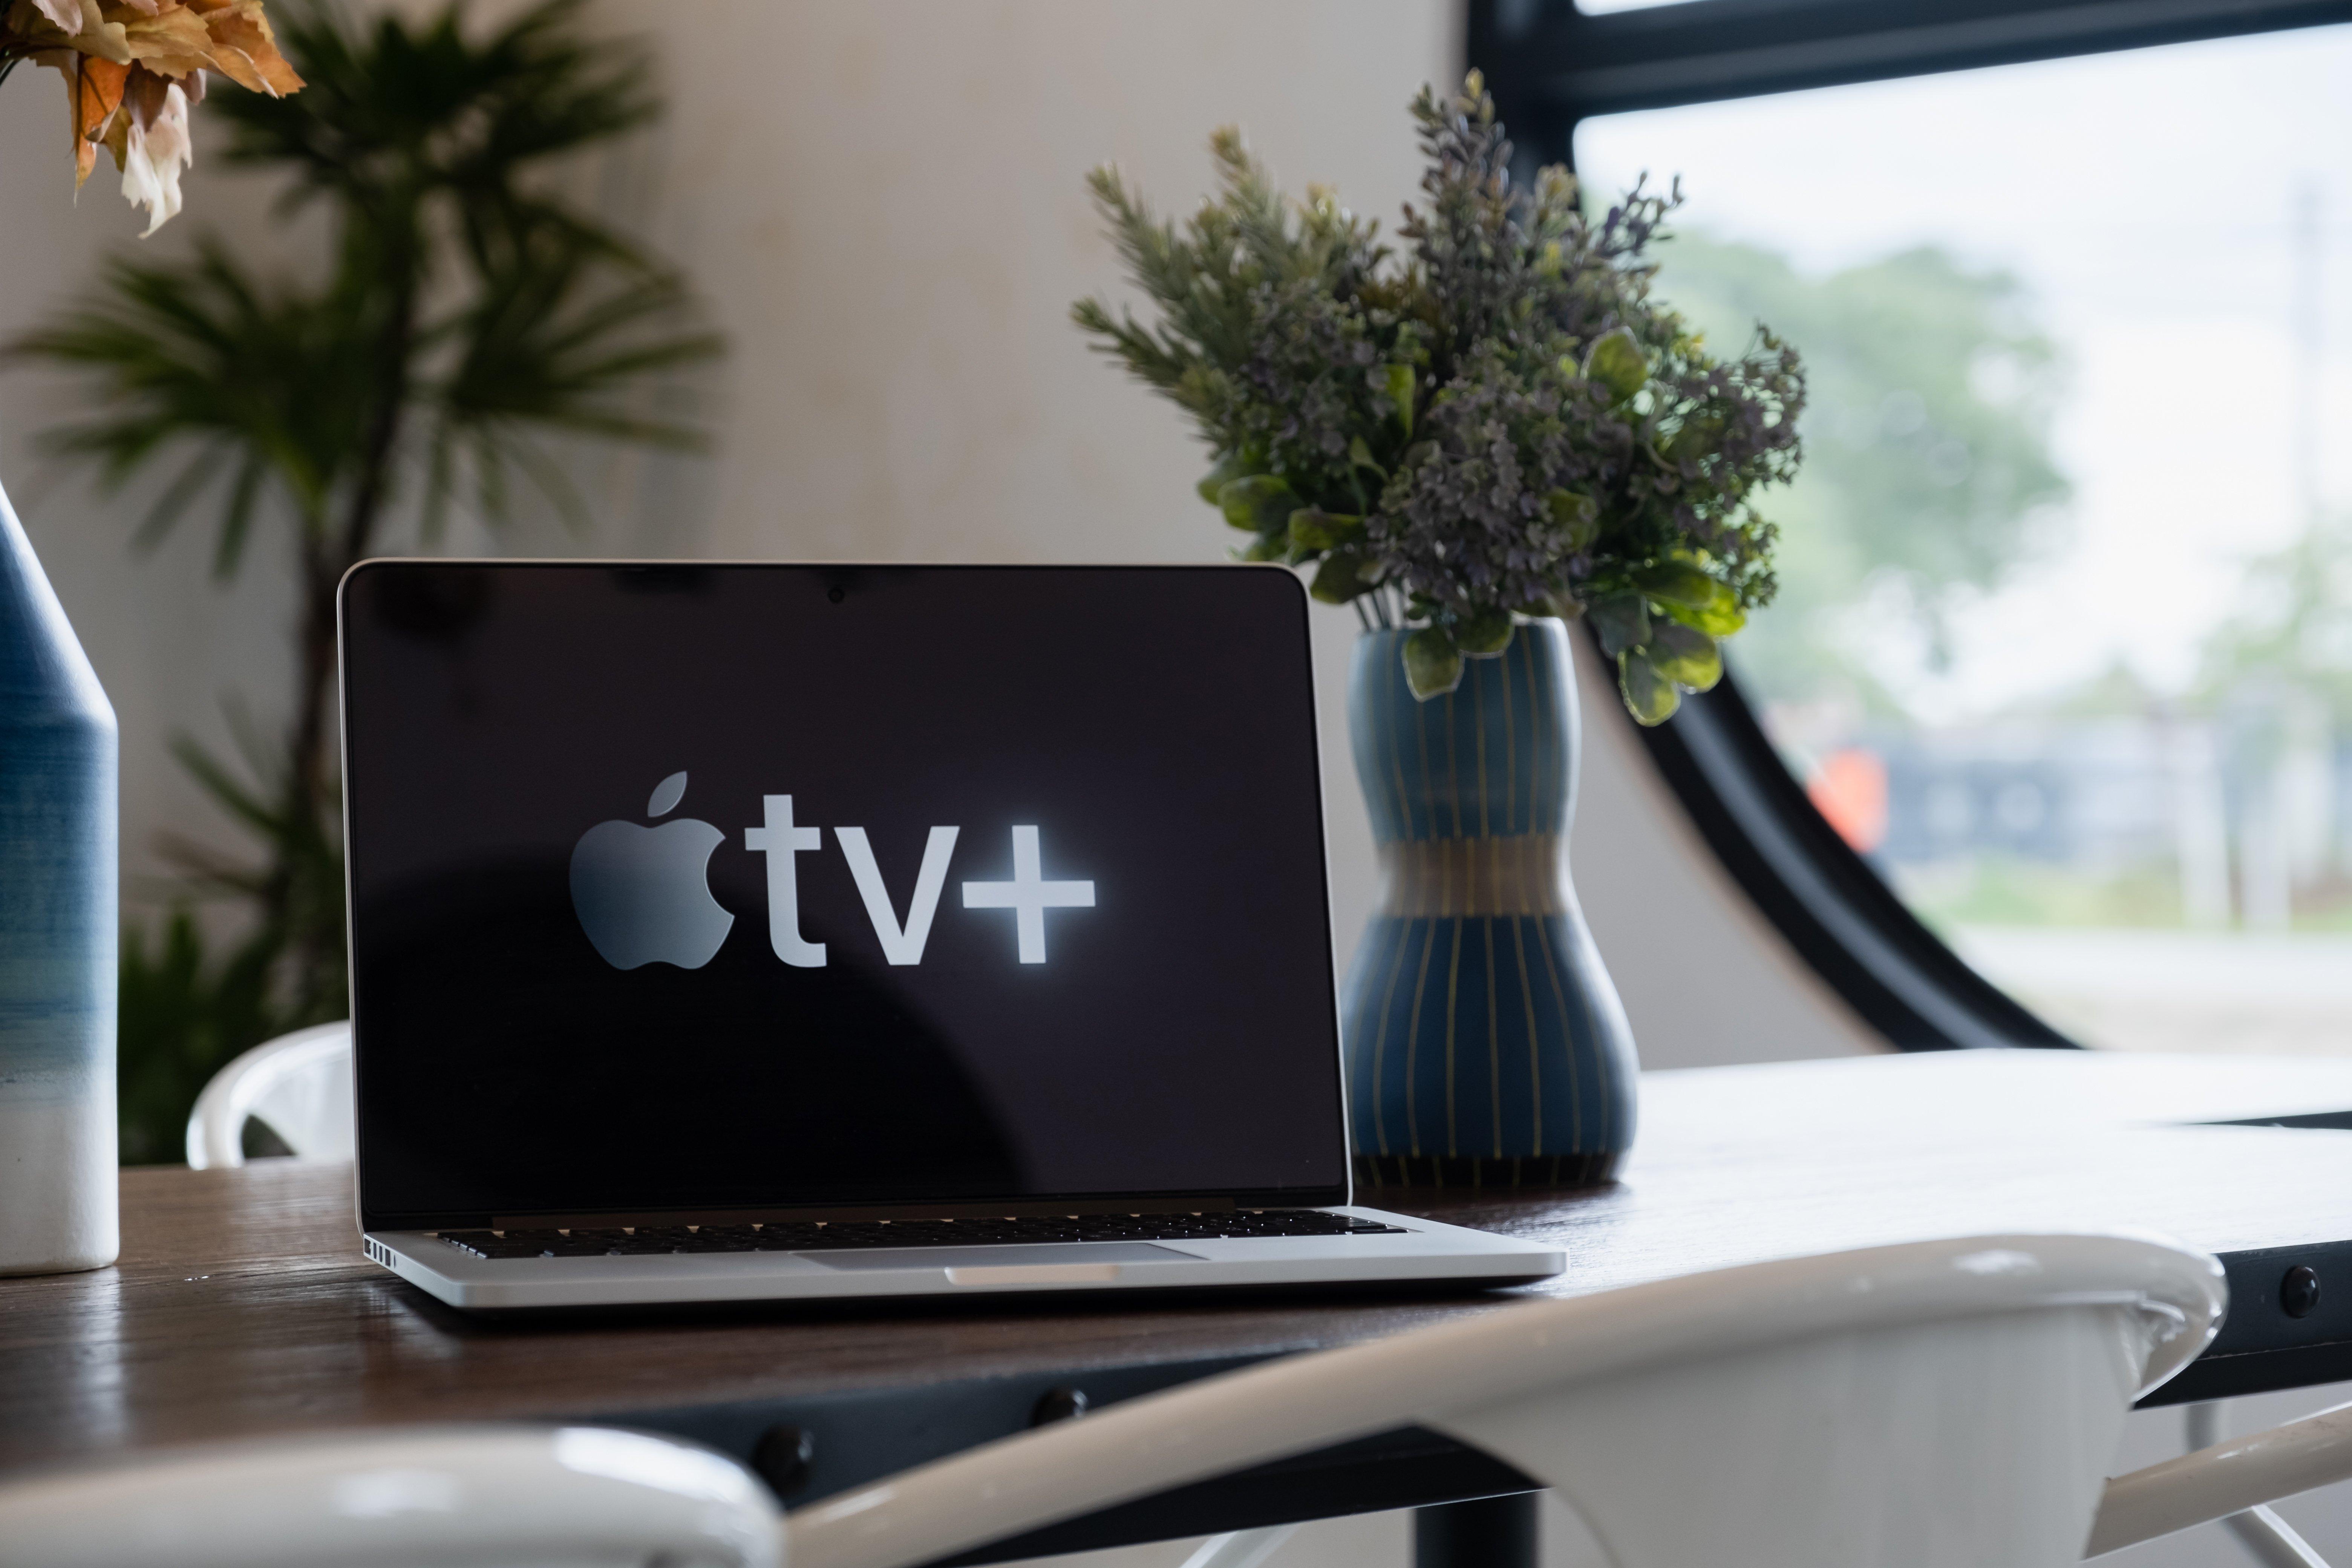 entertainment market research apple tv plus